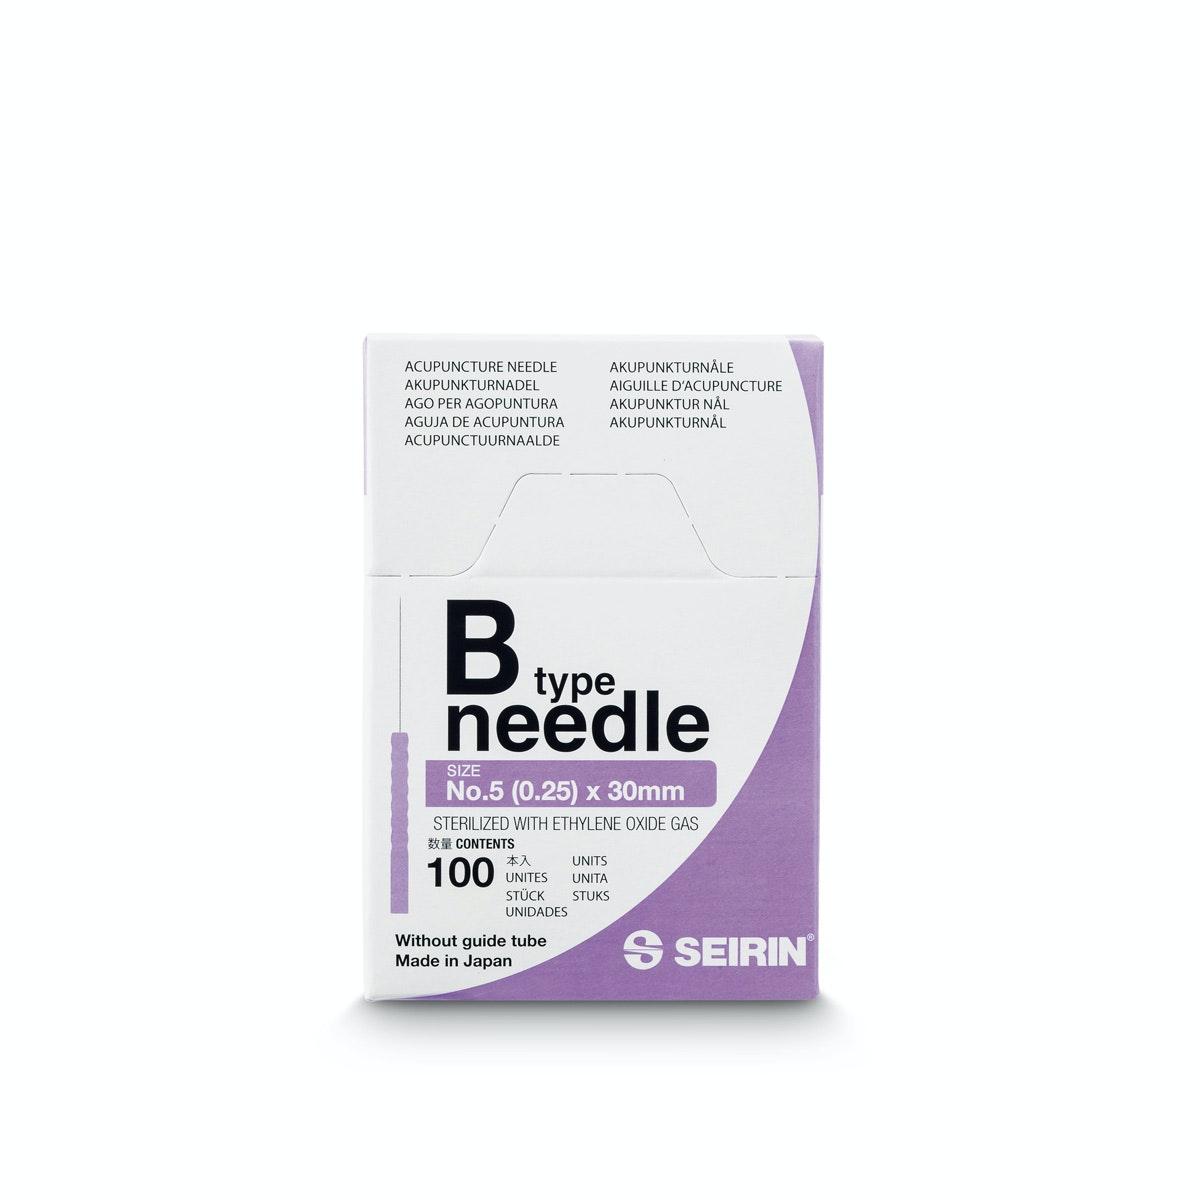 Seirin akupunkturnåler B type 3000 stk